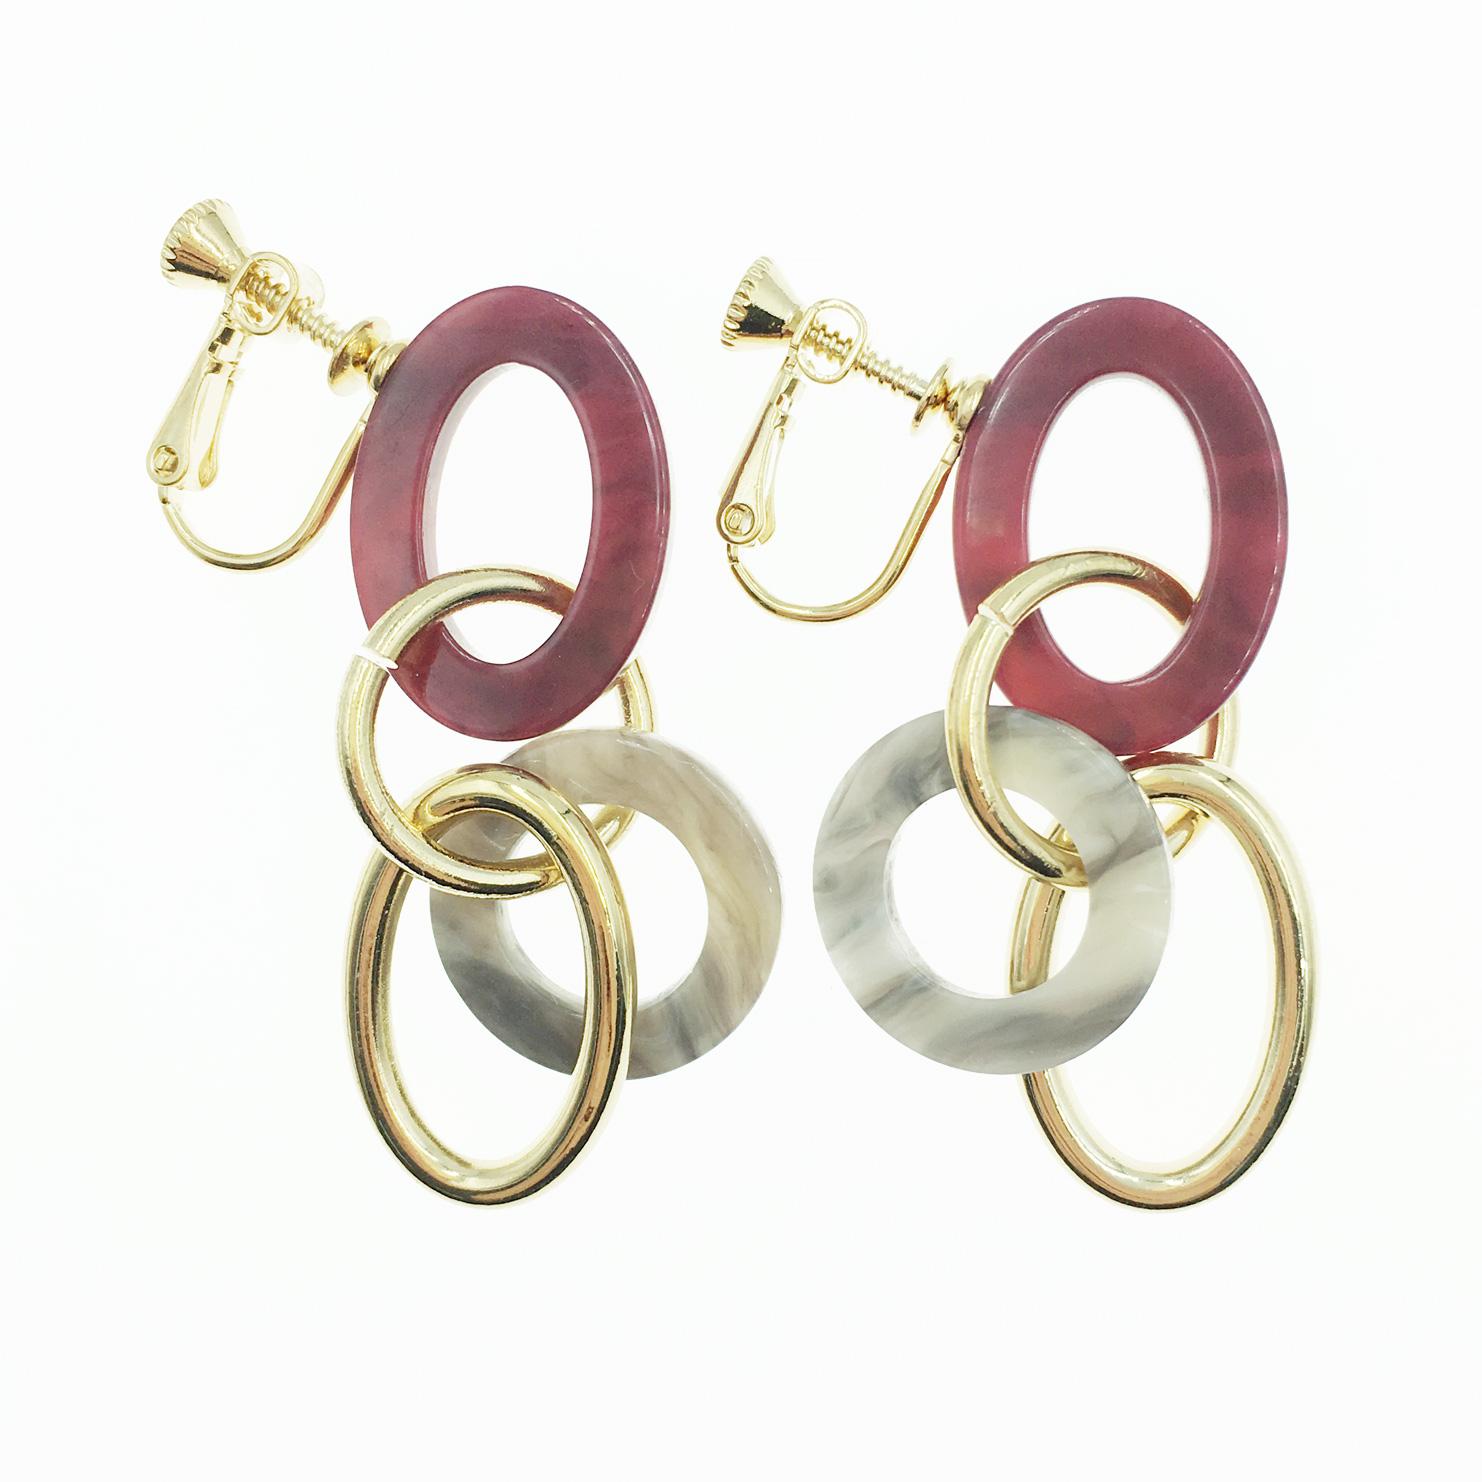 韓國 大理石 簍空圓圈 圈圈 垂墜感 夾式耳環